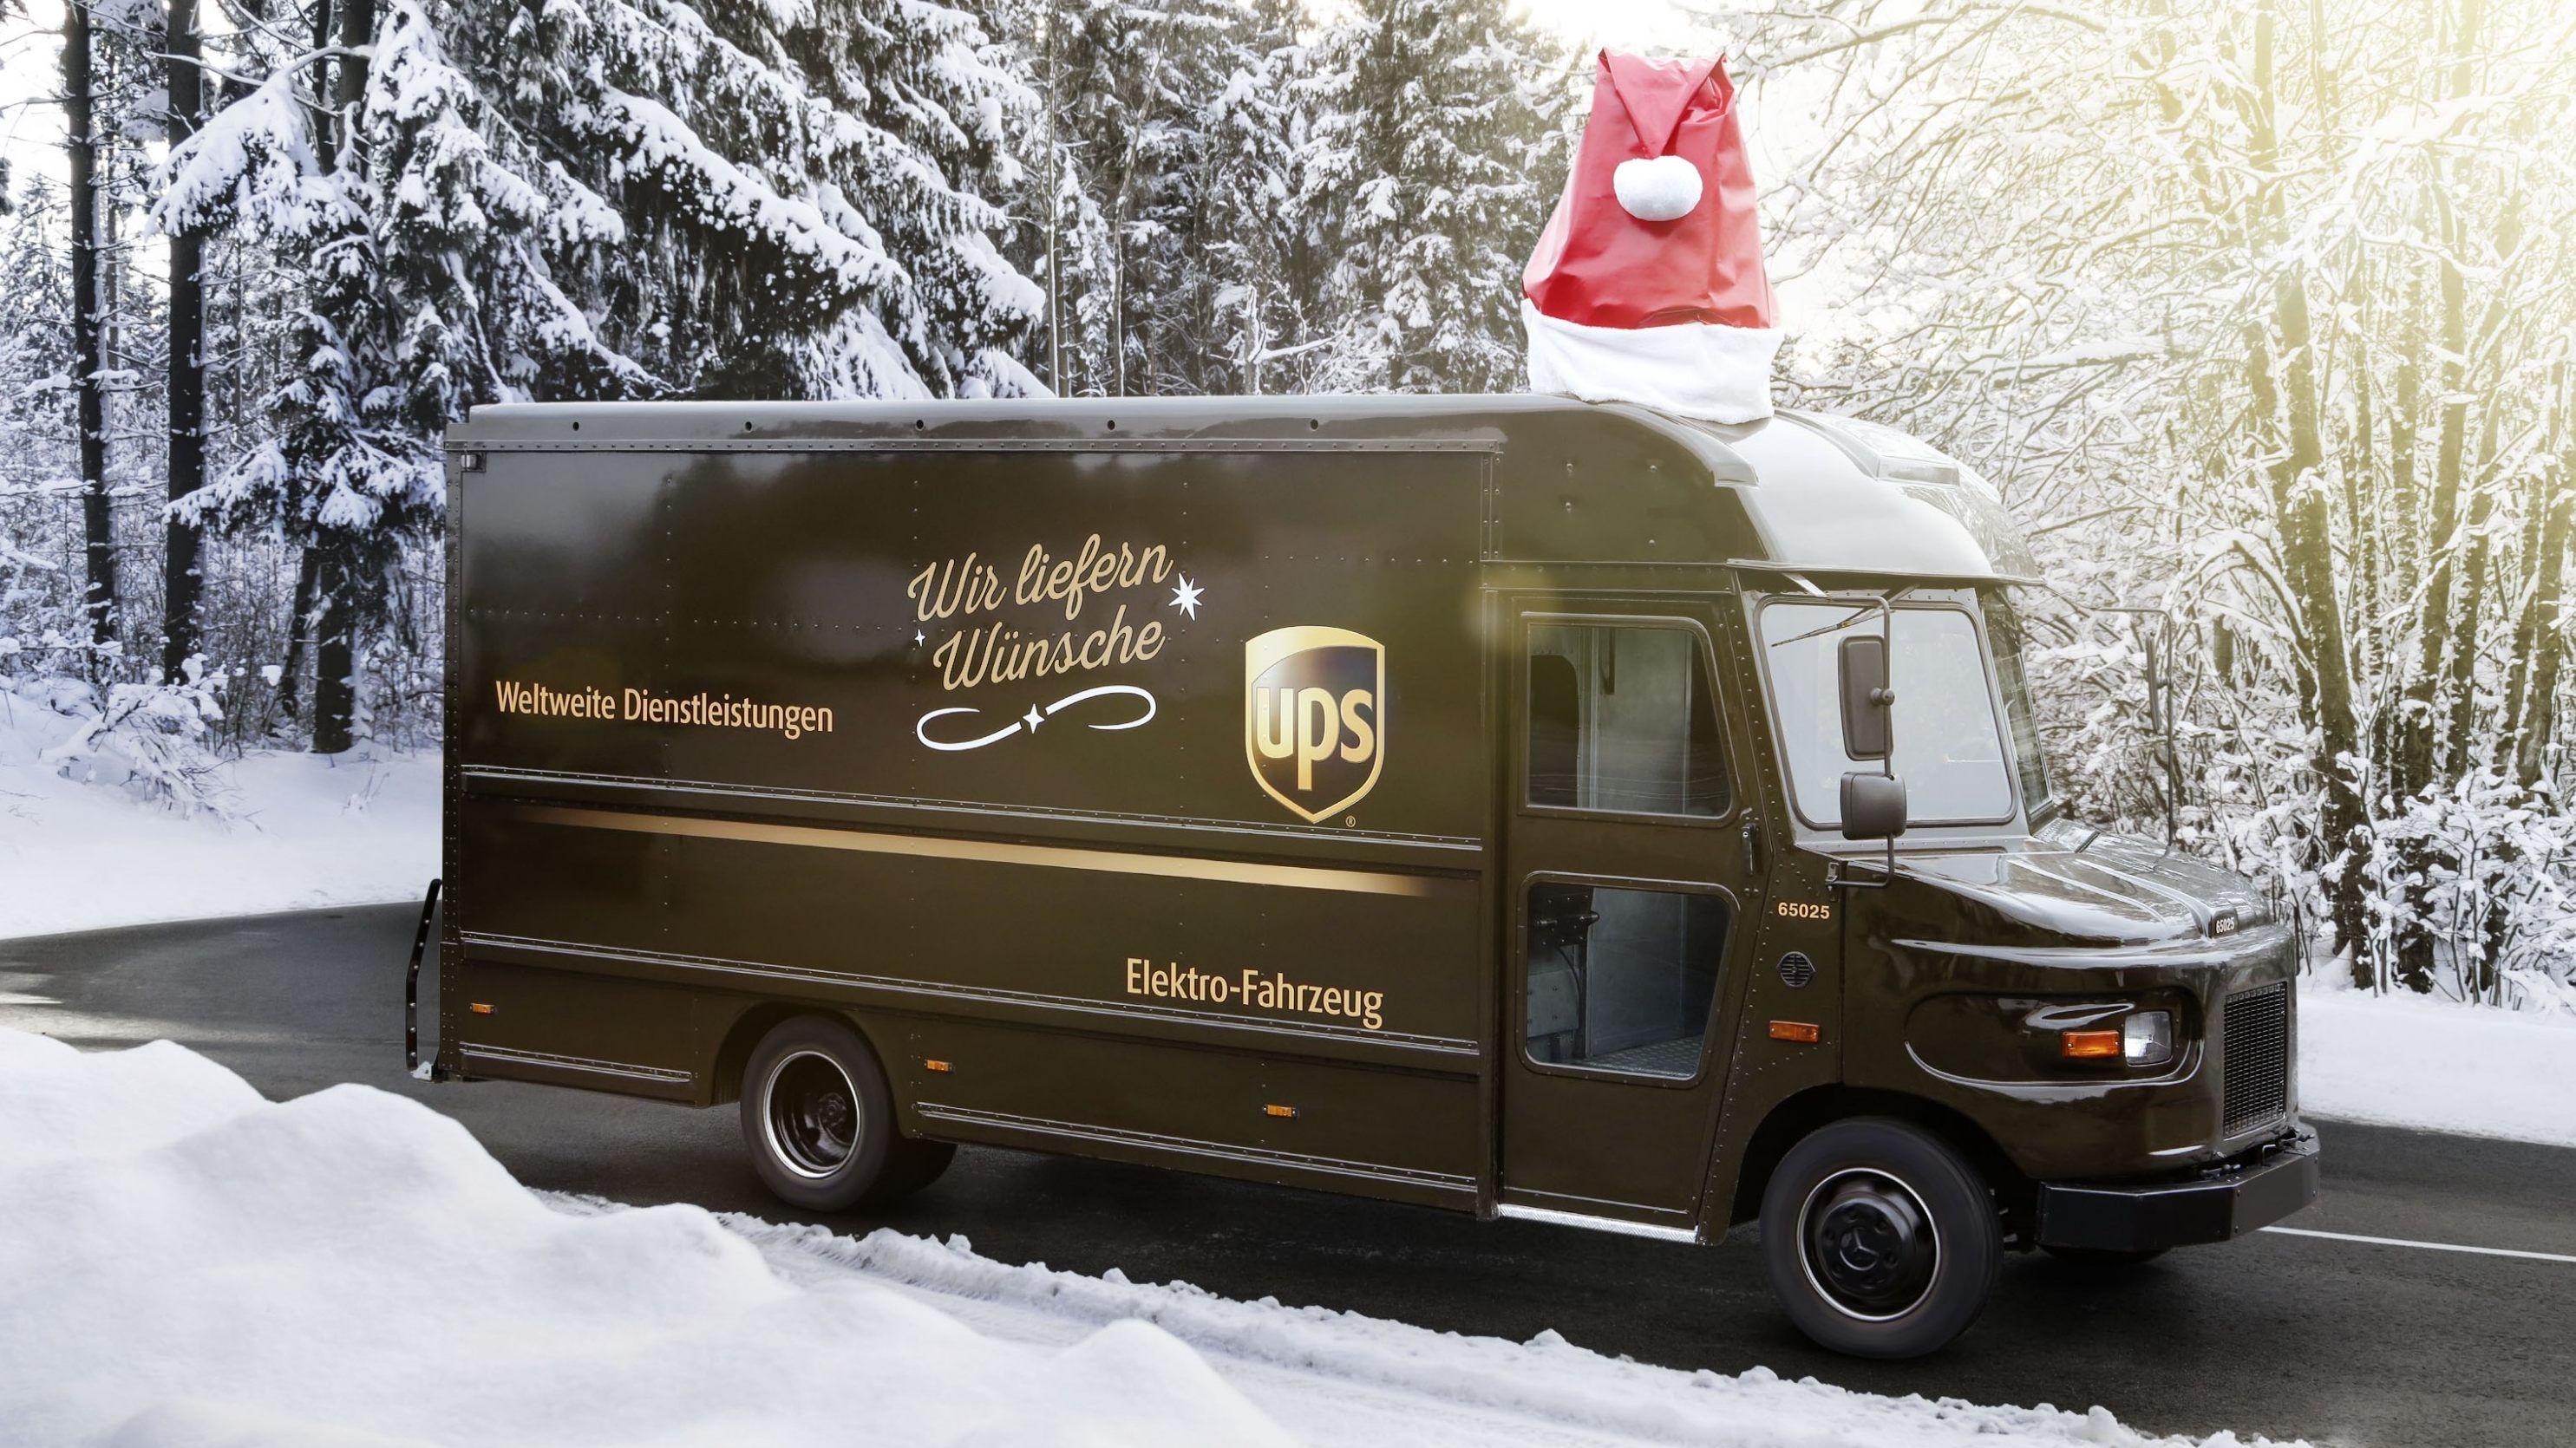 ups christmas truck sammelt spielzeug spenden sterreich vienna at. Black Bedroom Furniture Sets. Home Design Ideas